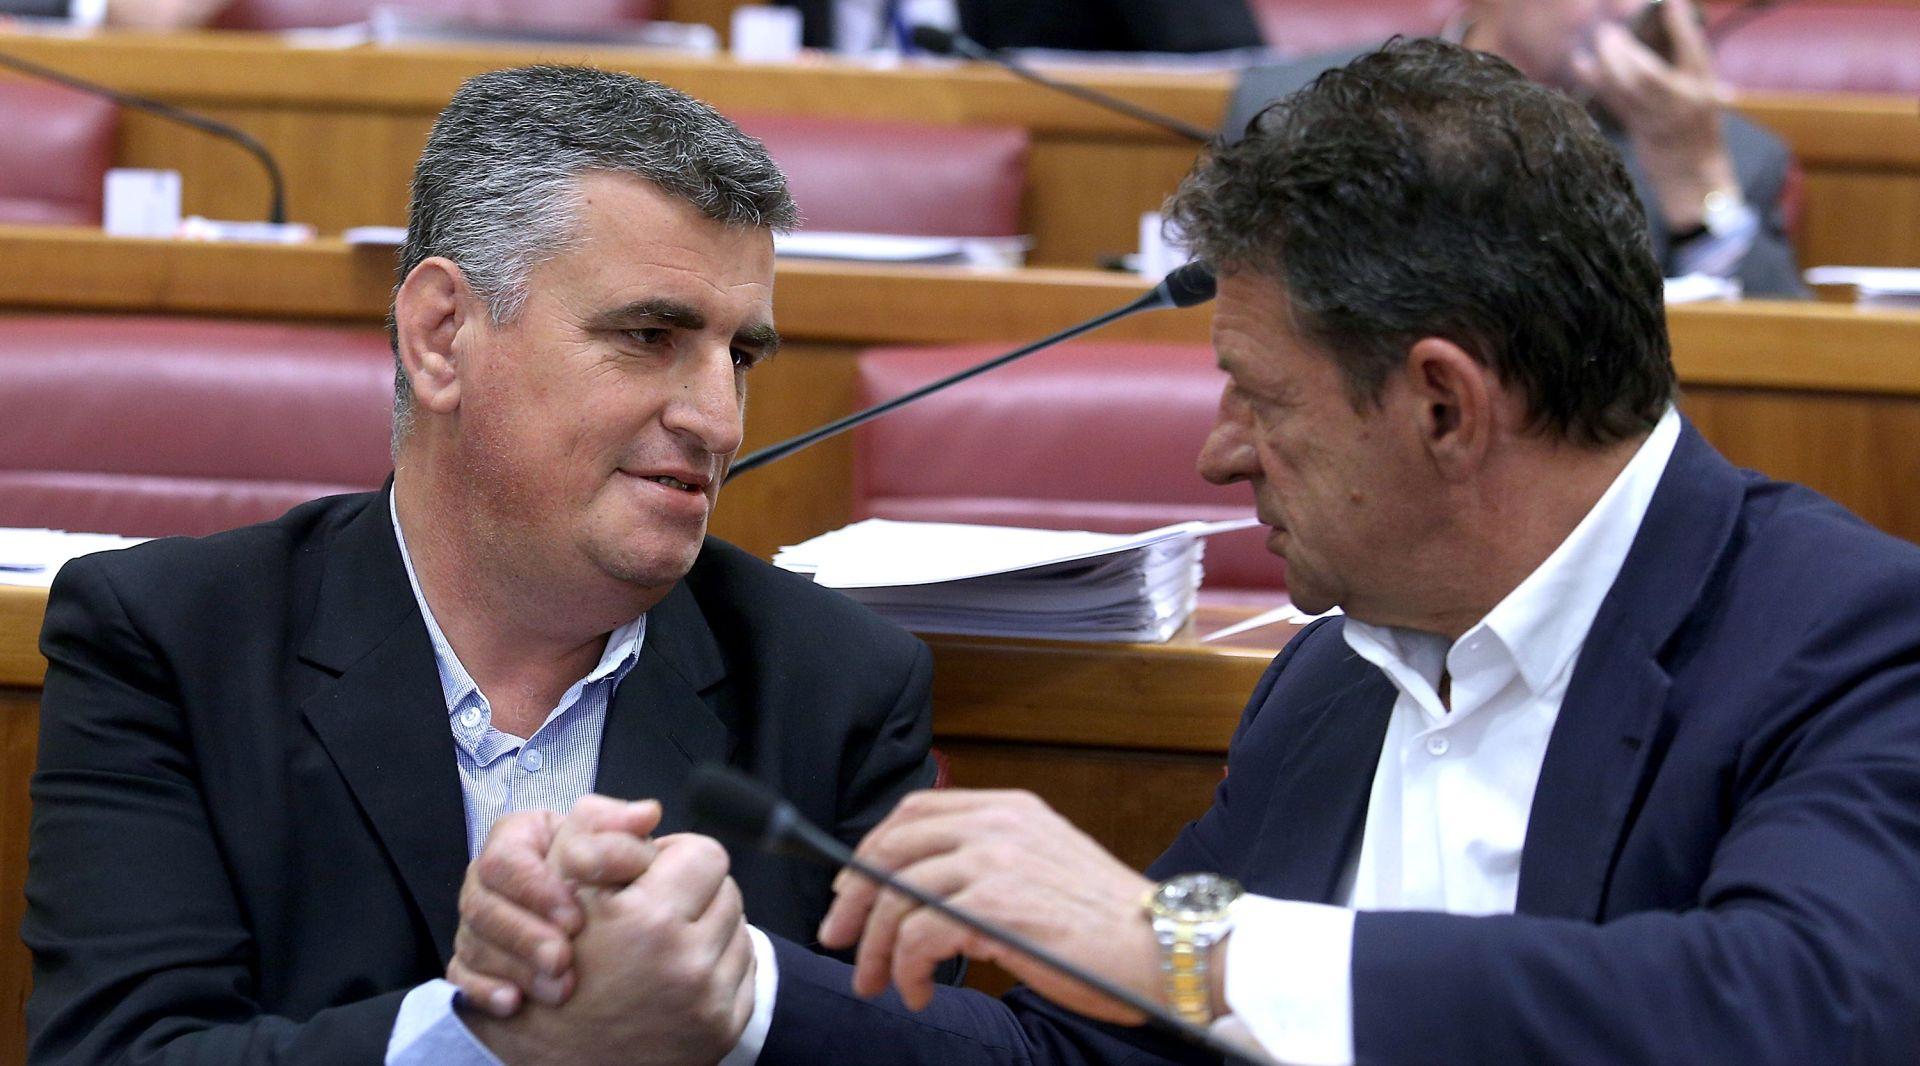 Bulj prozvao bivšu vladu da je Istru u turizmu preferirala po političkom ključu